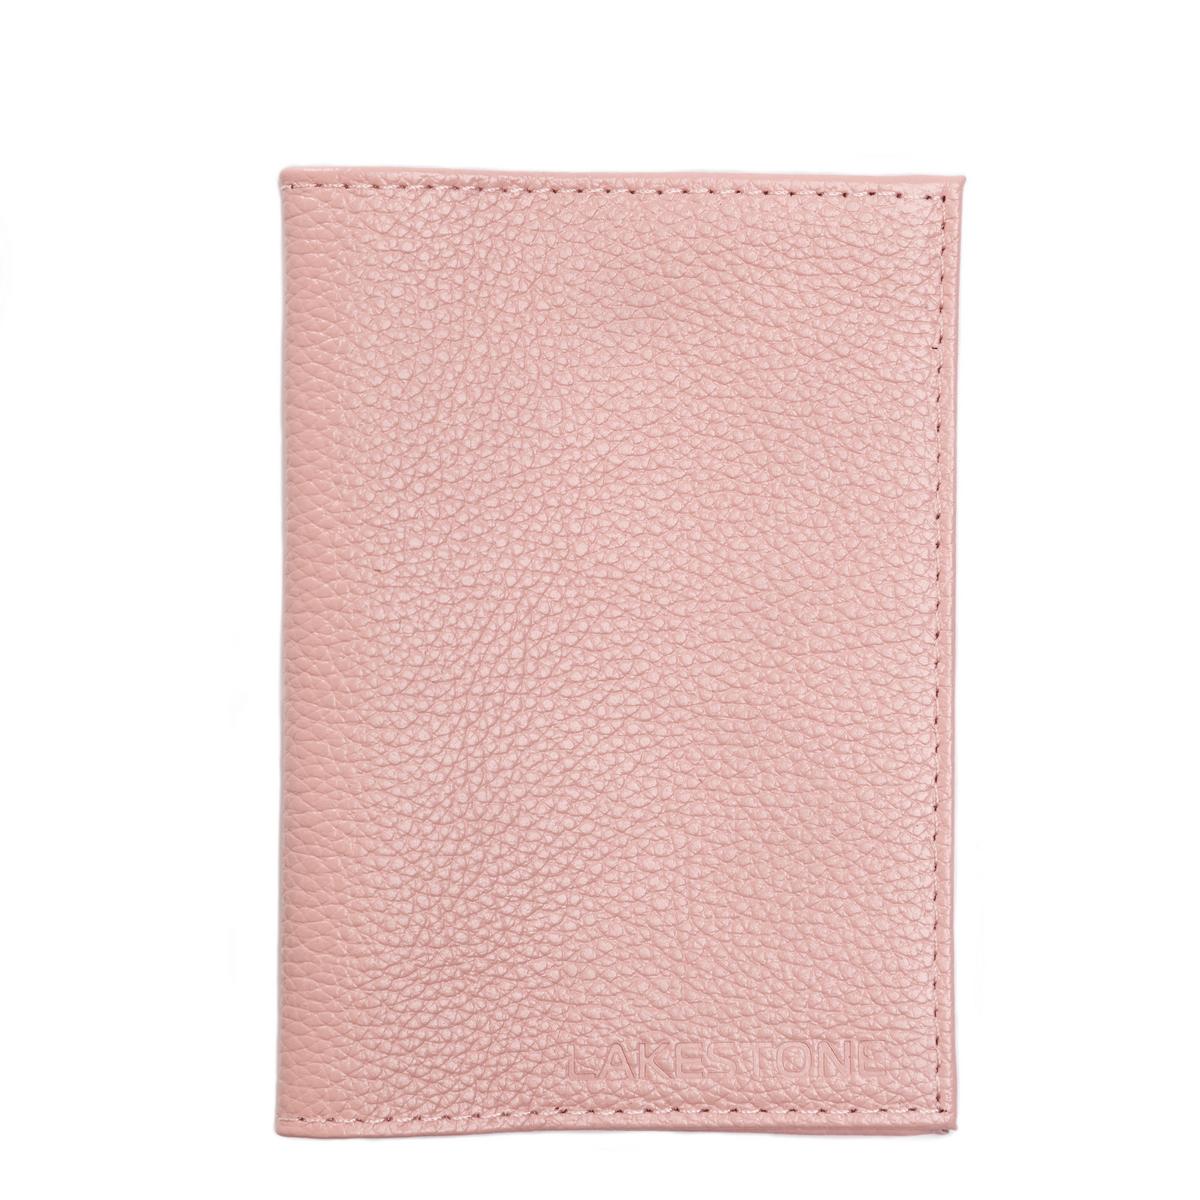 Обложка для паспорта Ripon Ash rose фото